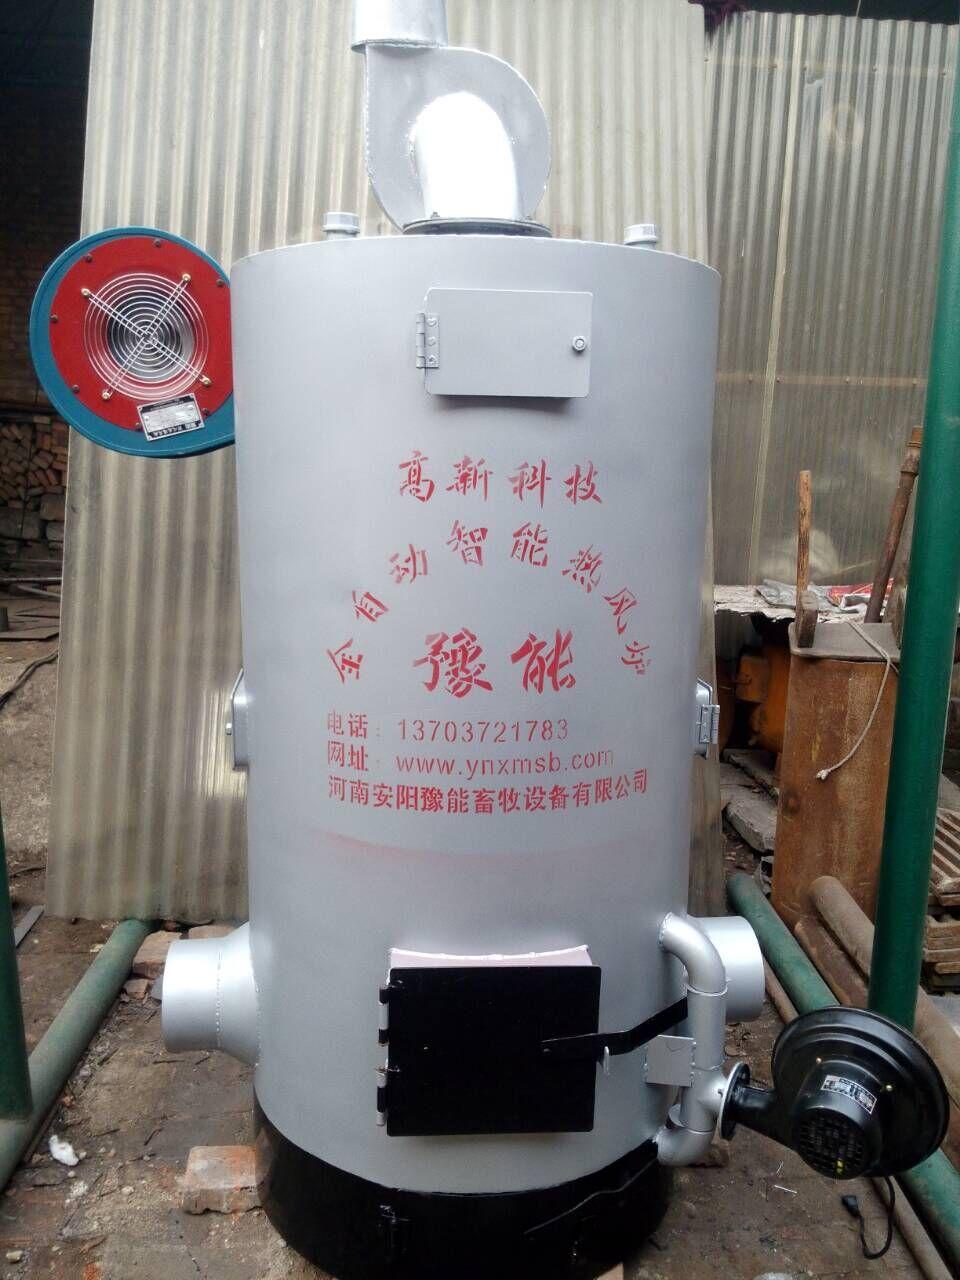 河北保定养殖热风炉厂家为你讲述如何正确操作热风炉